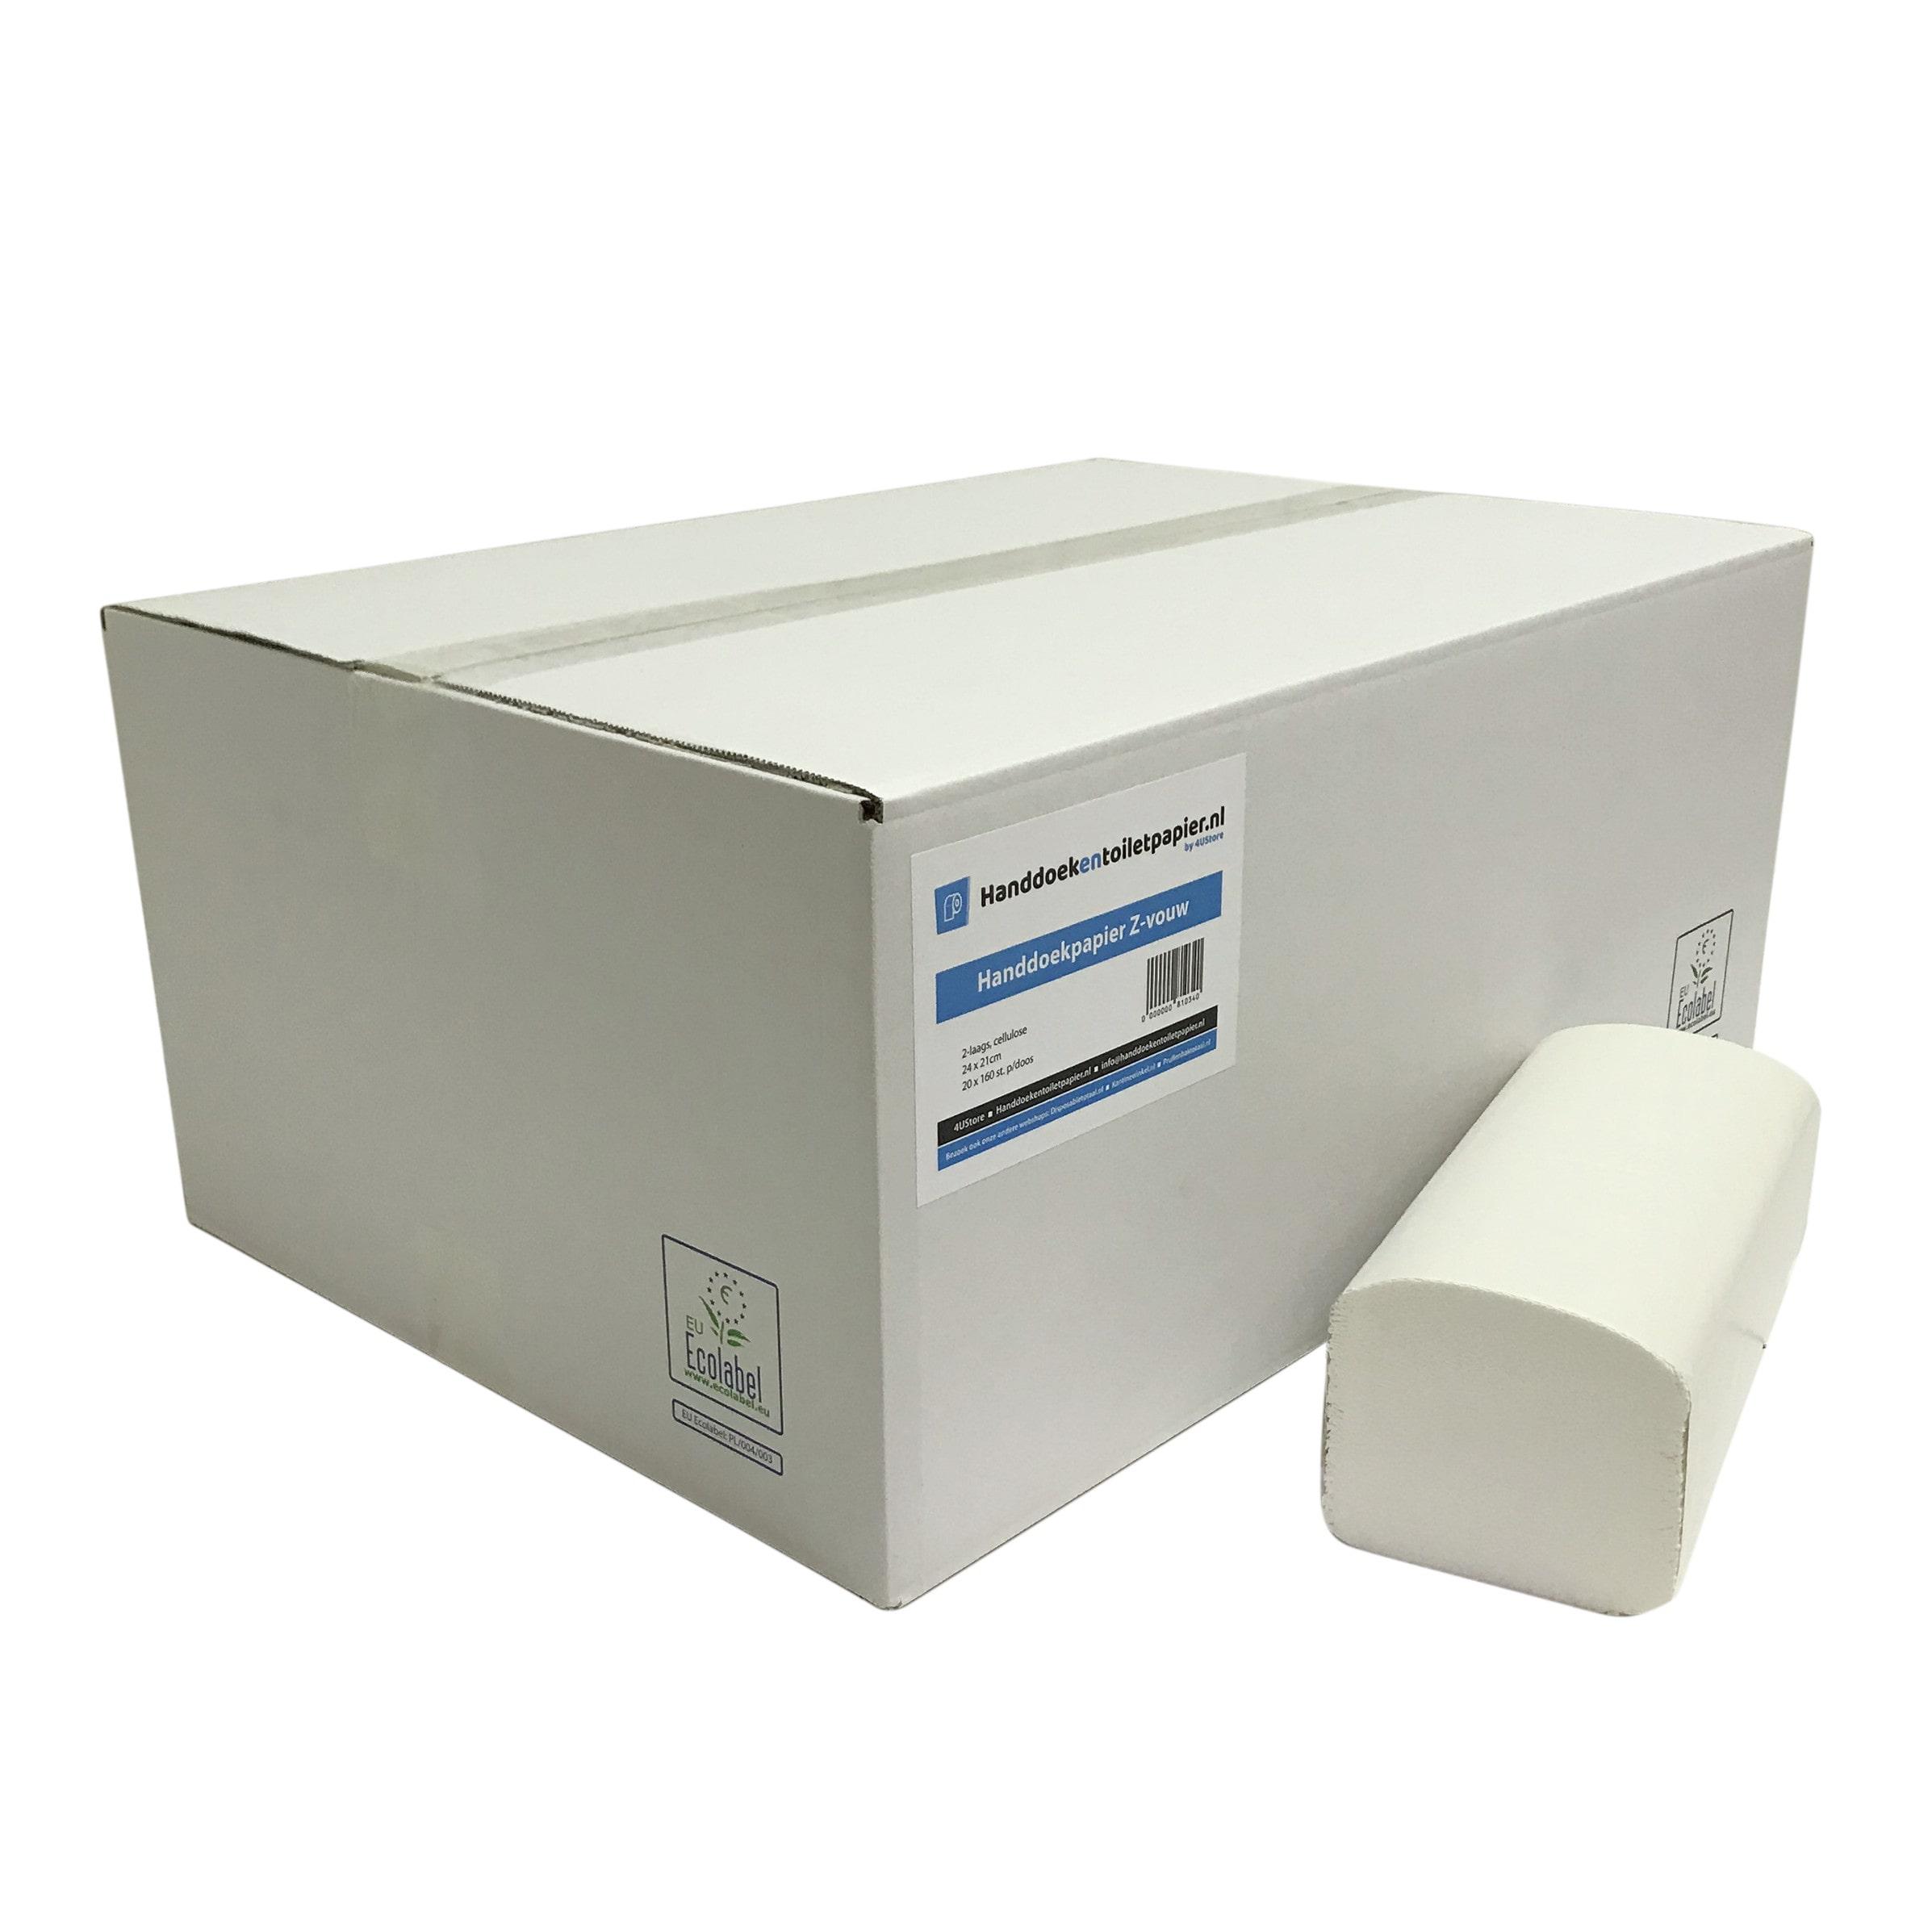 4UStore | Z-vouwhanddoekjes | 2-laags cellulose | 21 x 25 cm | 3200 stuks